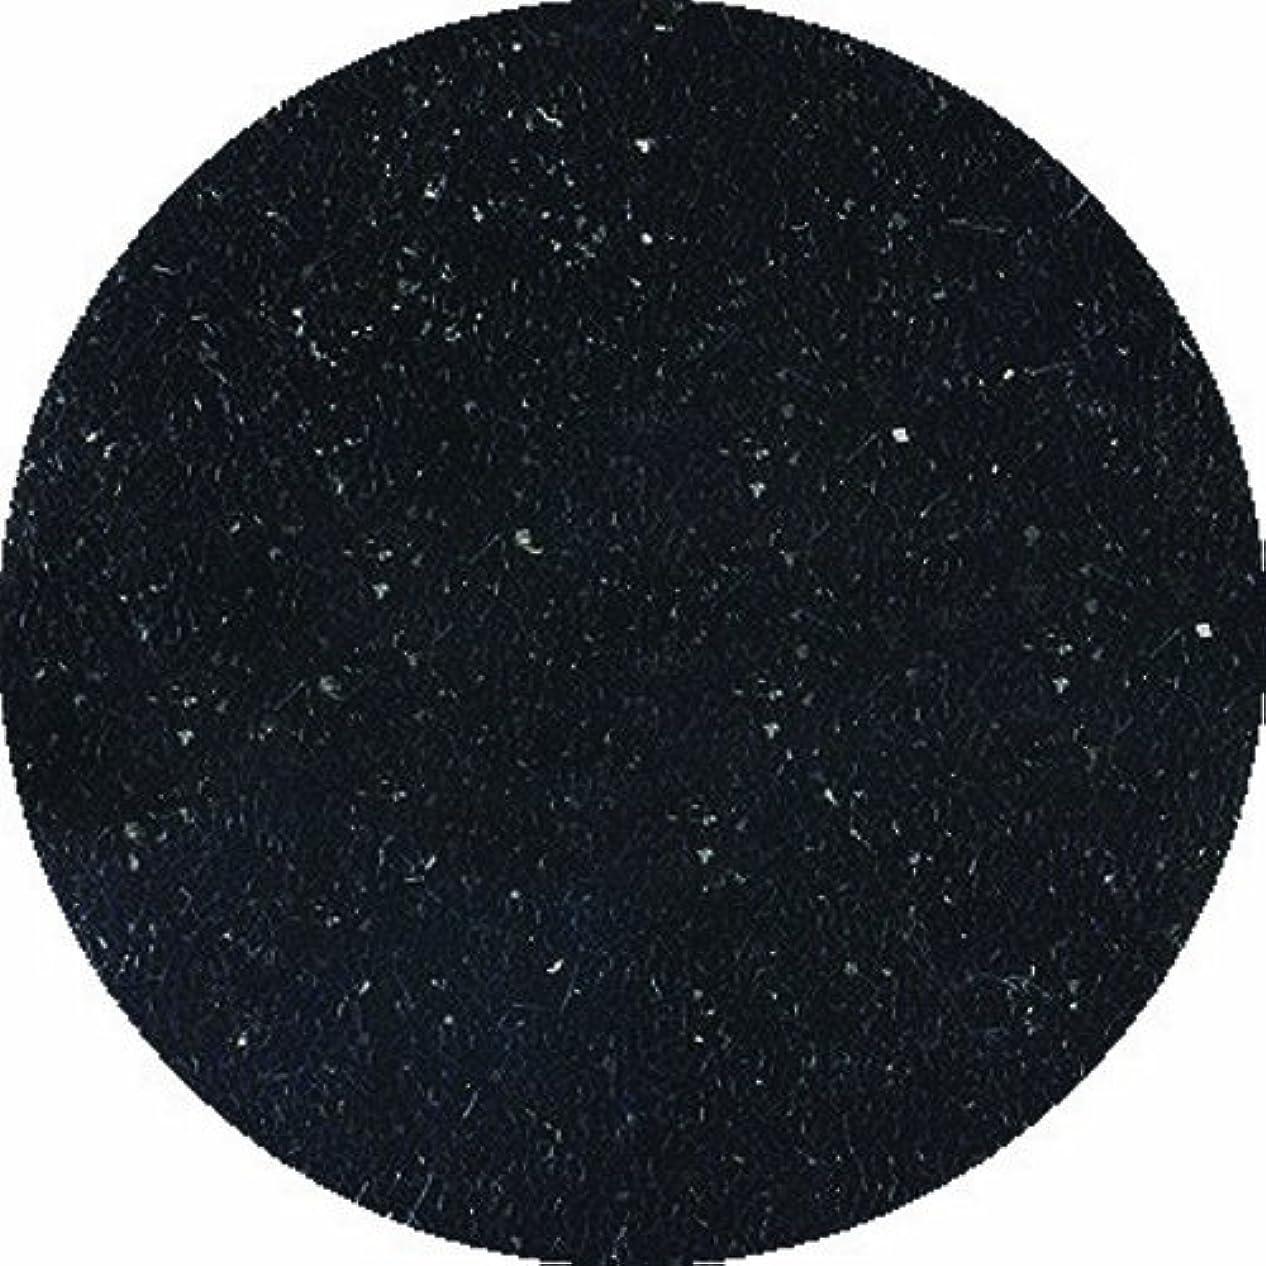 北財布エミュレーションビューティーネイラー ネイル用パウダー 黒崎えり子 ジュエリーコレクション ブラック0.05mm